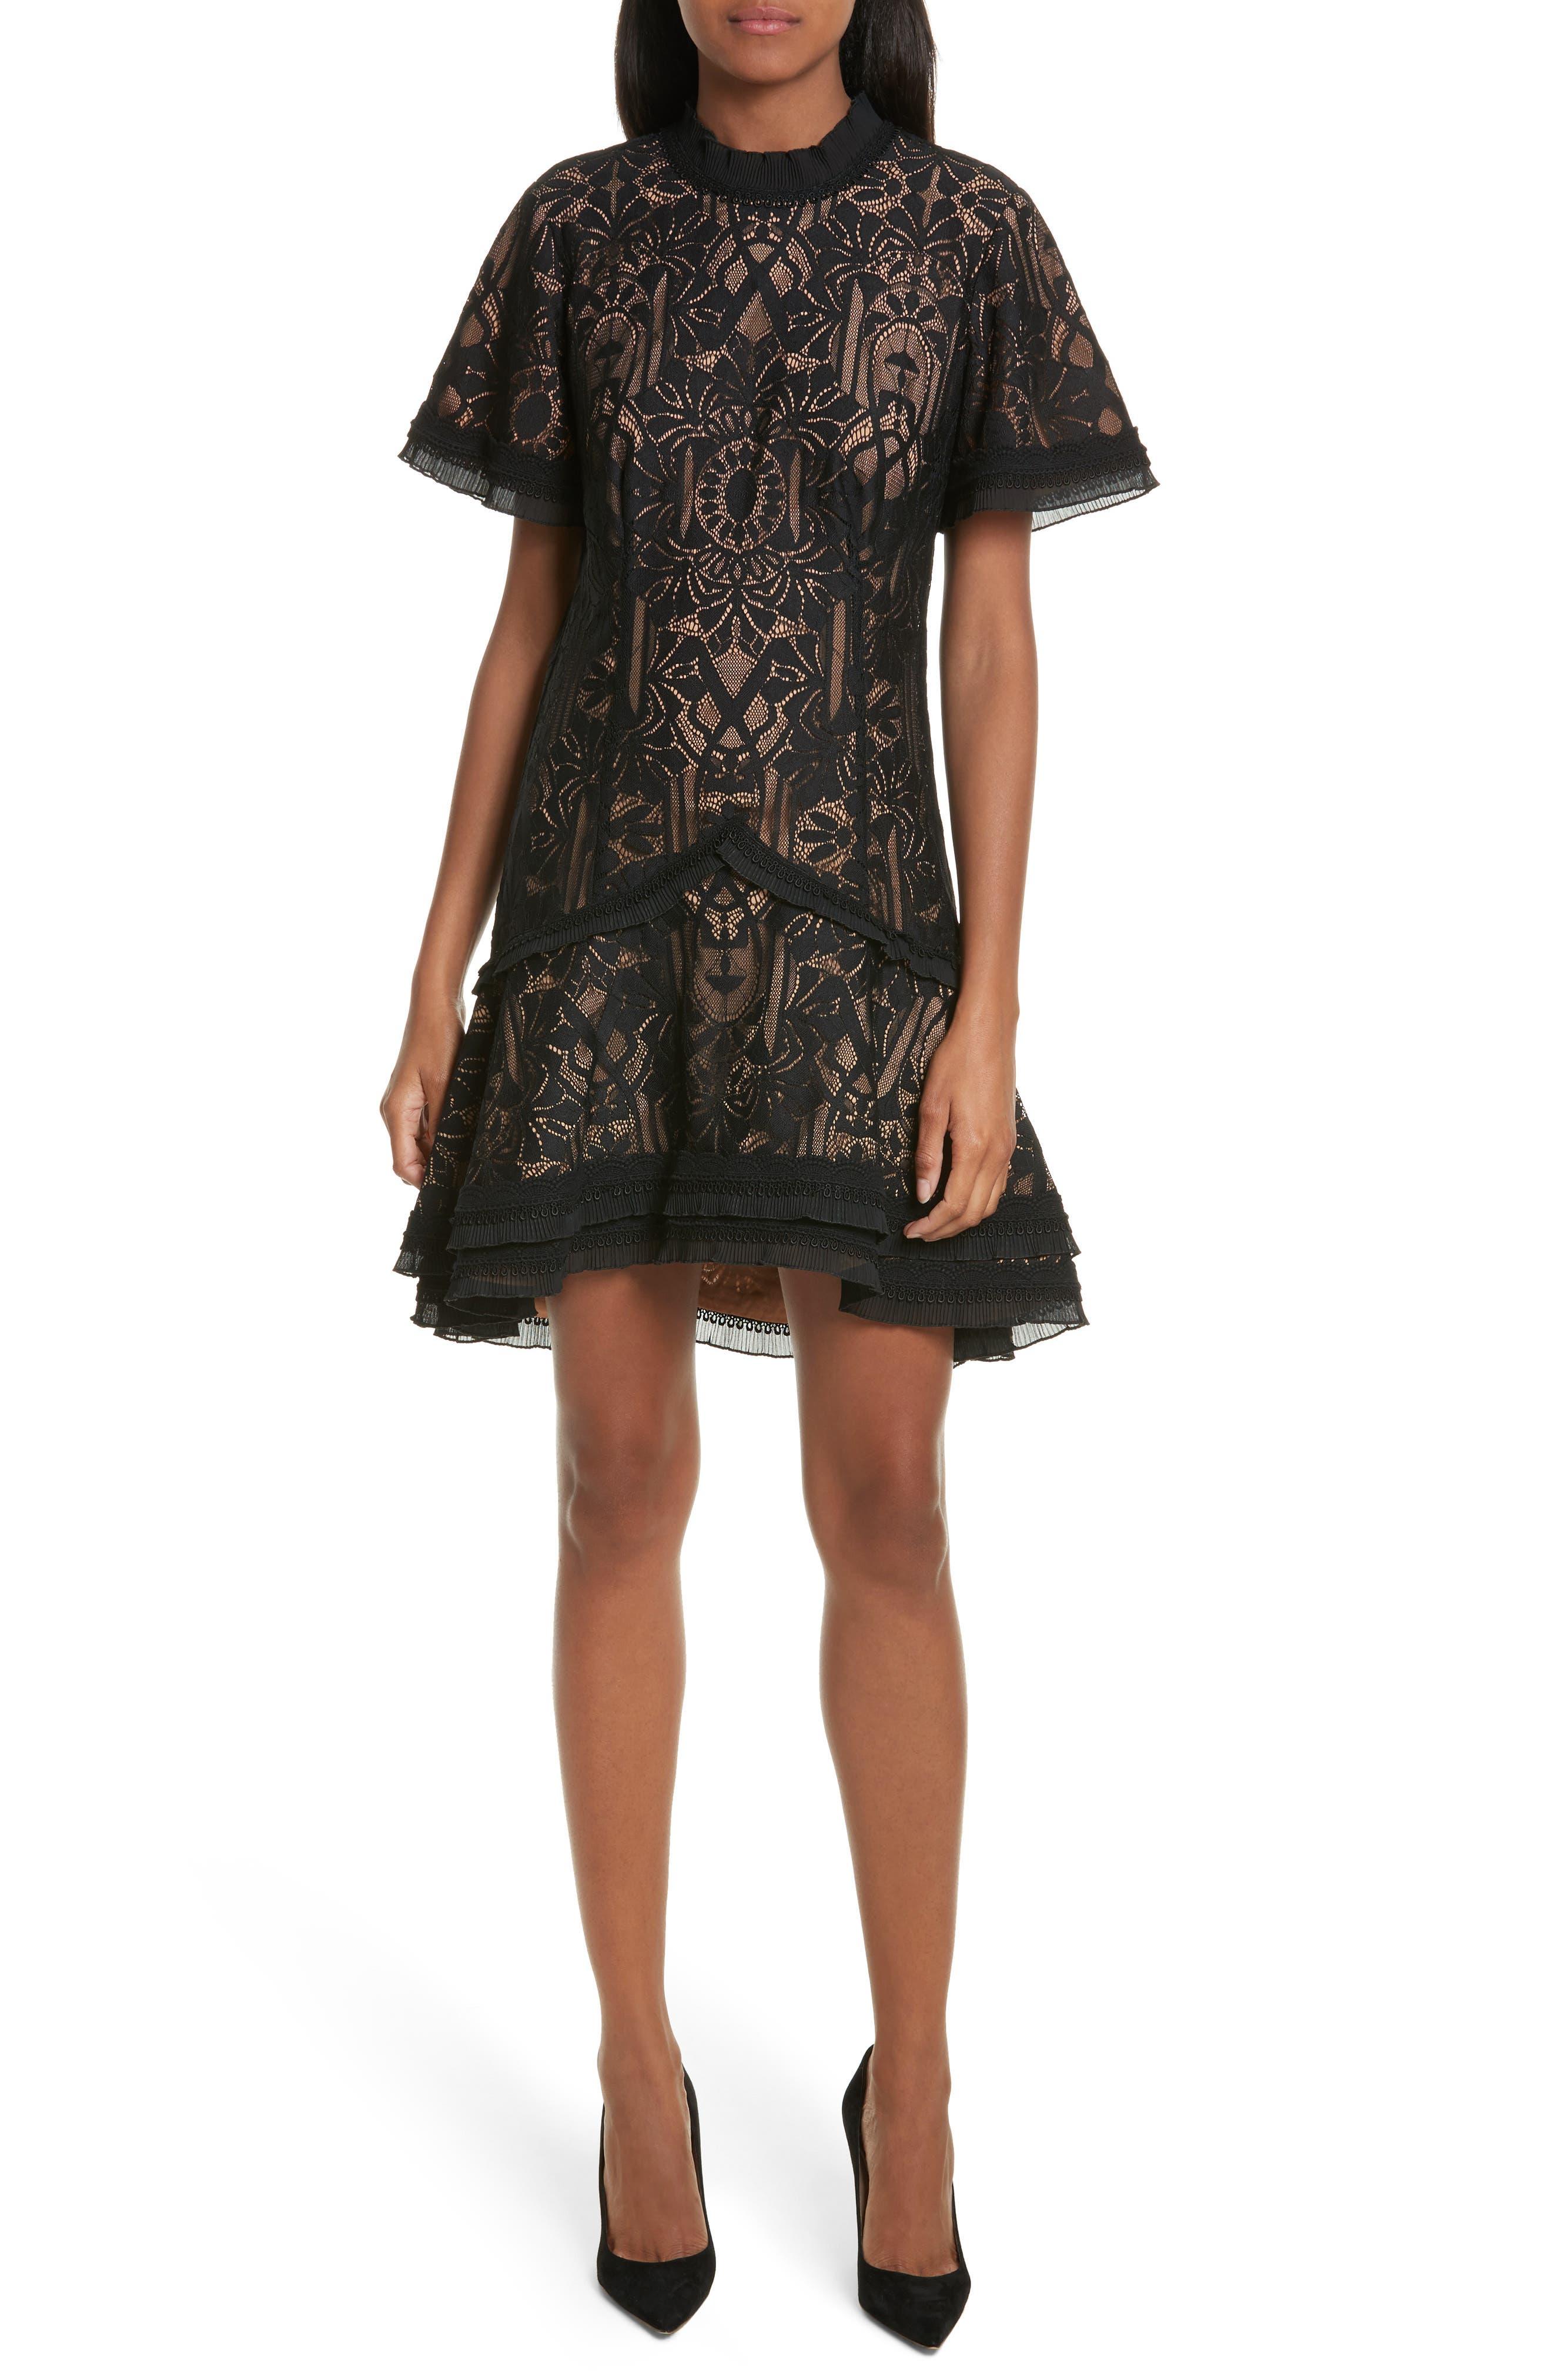 Alternate Image 1 Selected - Jonathan Simkhai Tower Mesh Lace Ruffle Minidress